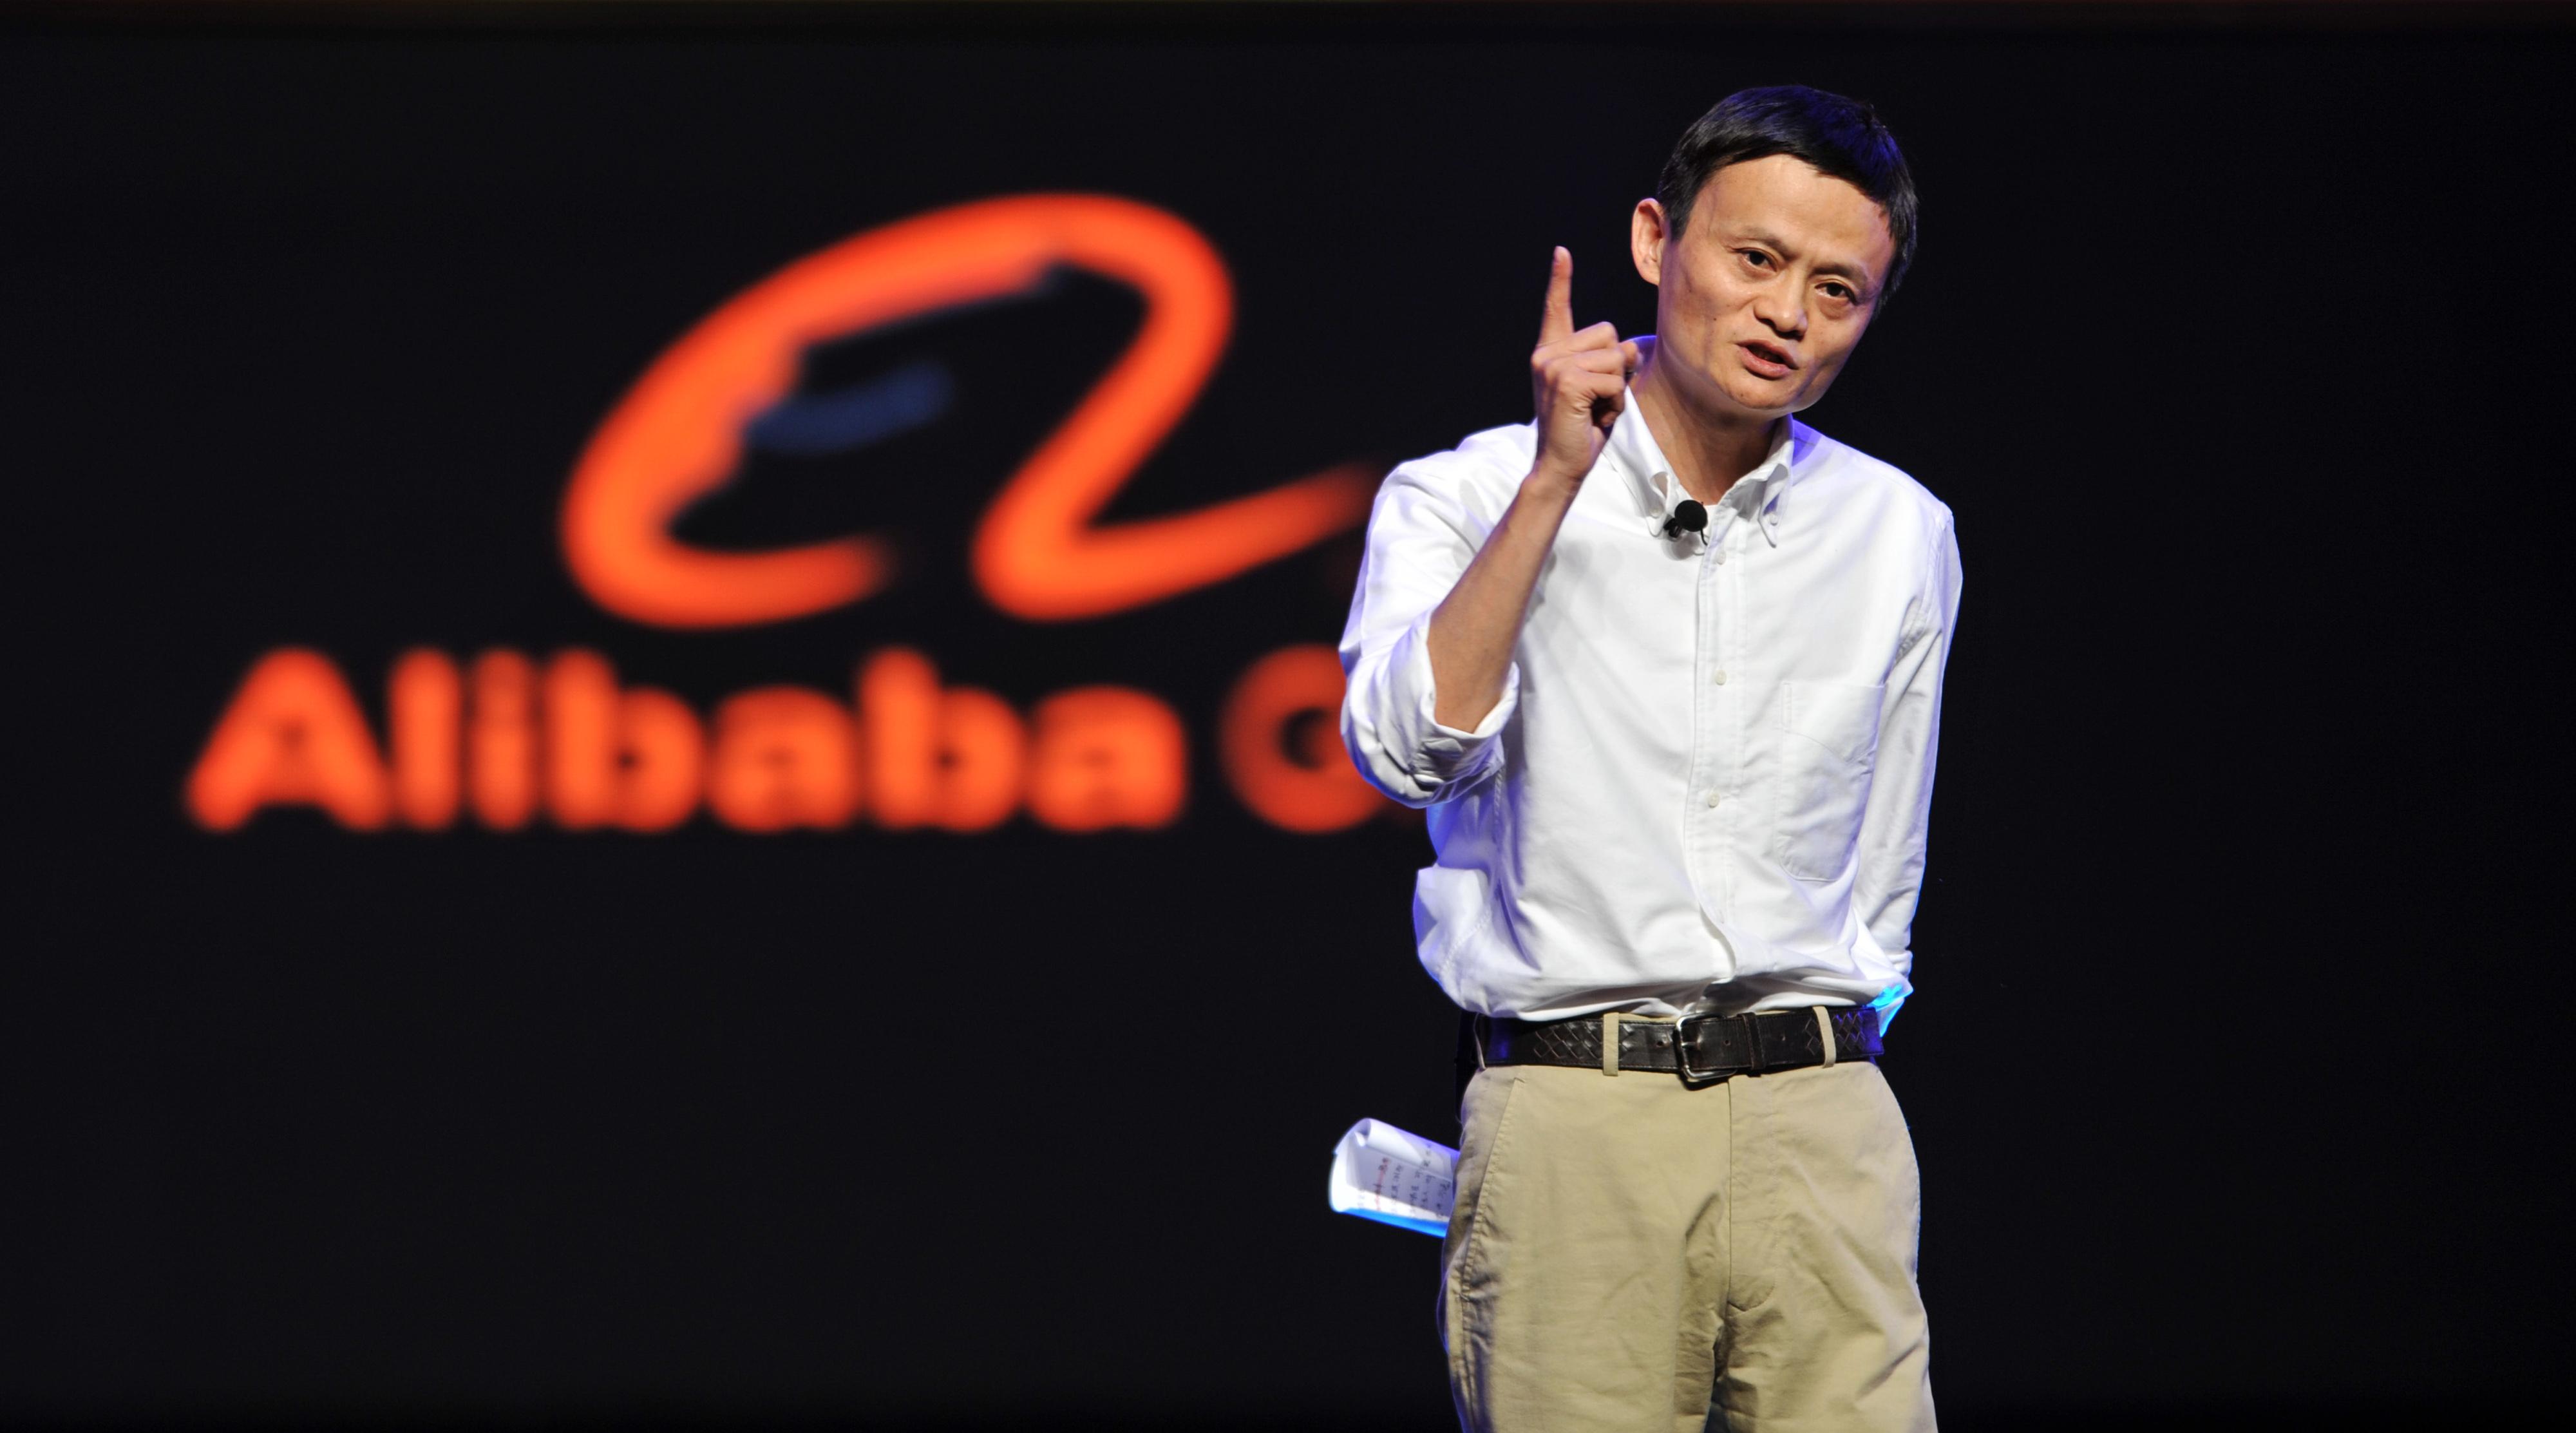 中国の億万長者数が1年で48人減少 98%が裸一貫から